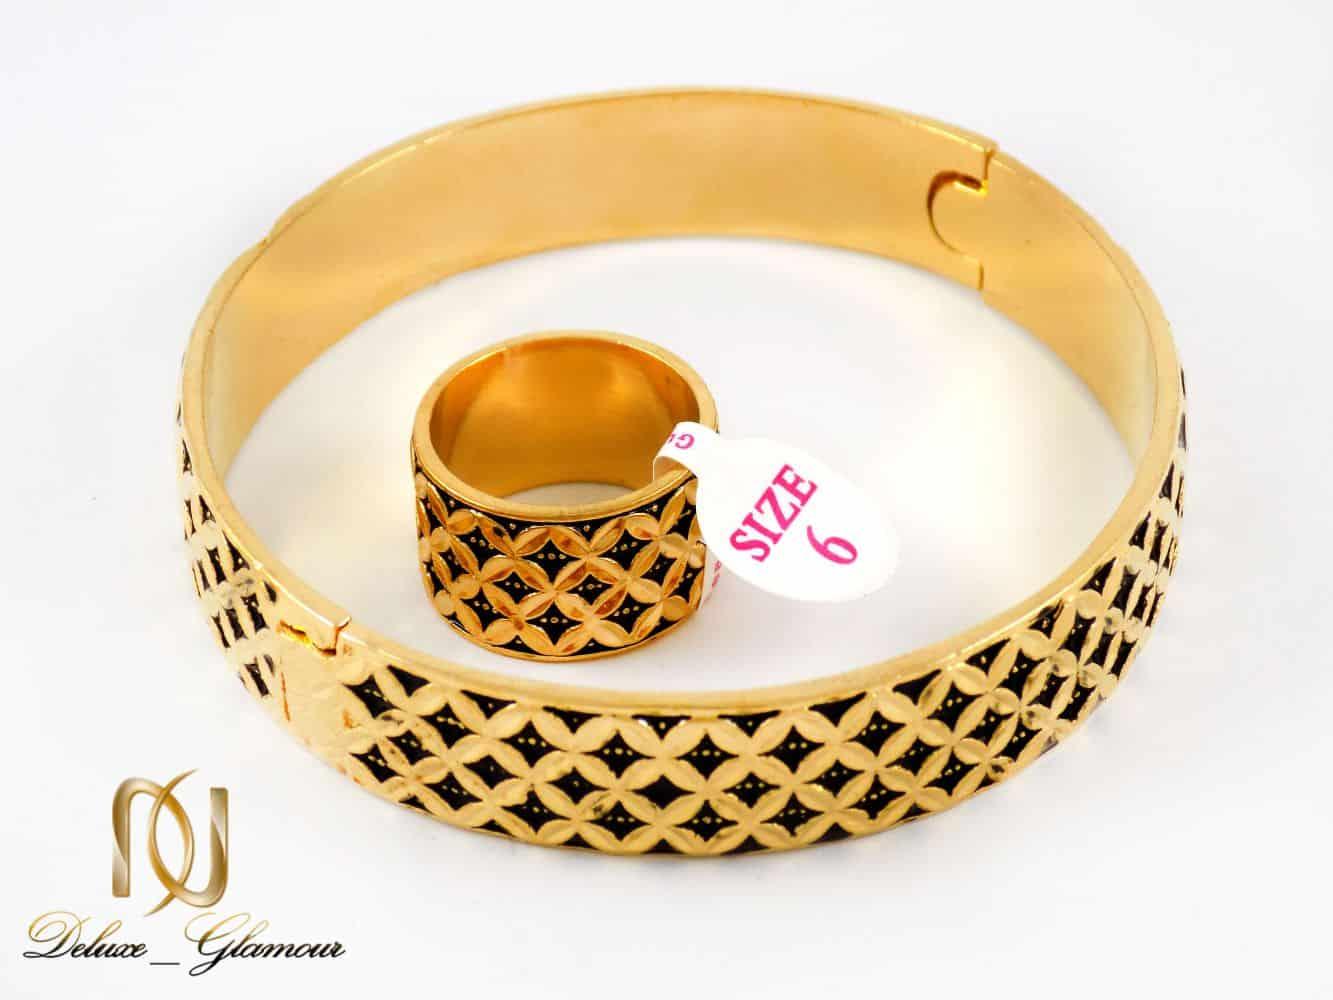 نیم ست دستبند و انگشتر زنانه طرح طلا به شکل دایره ای gl-s104